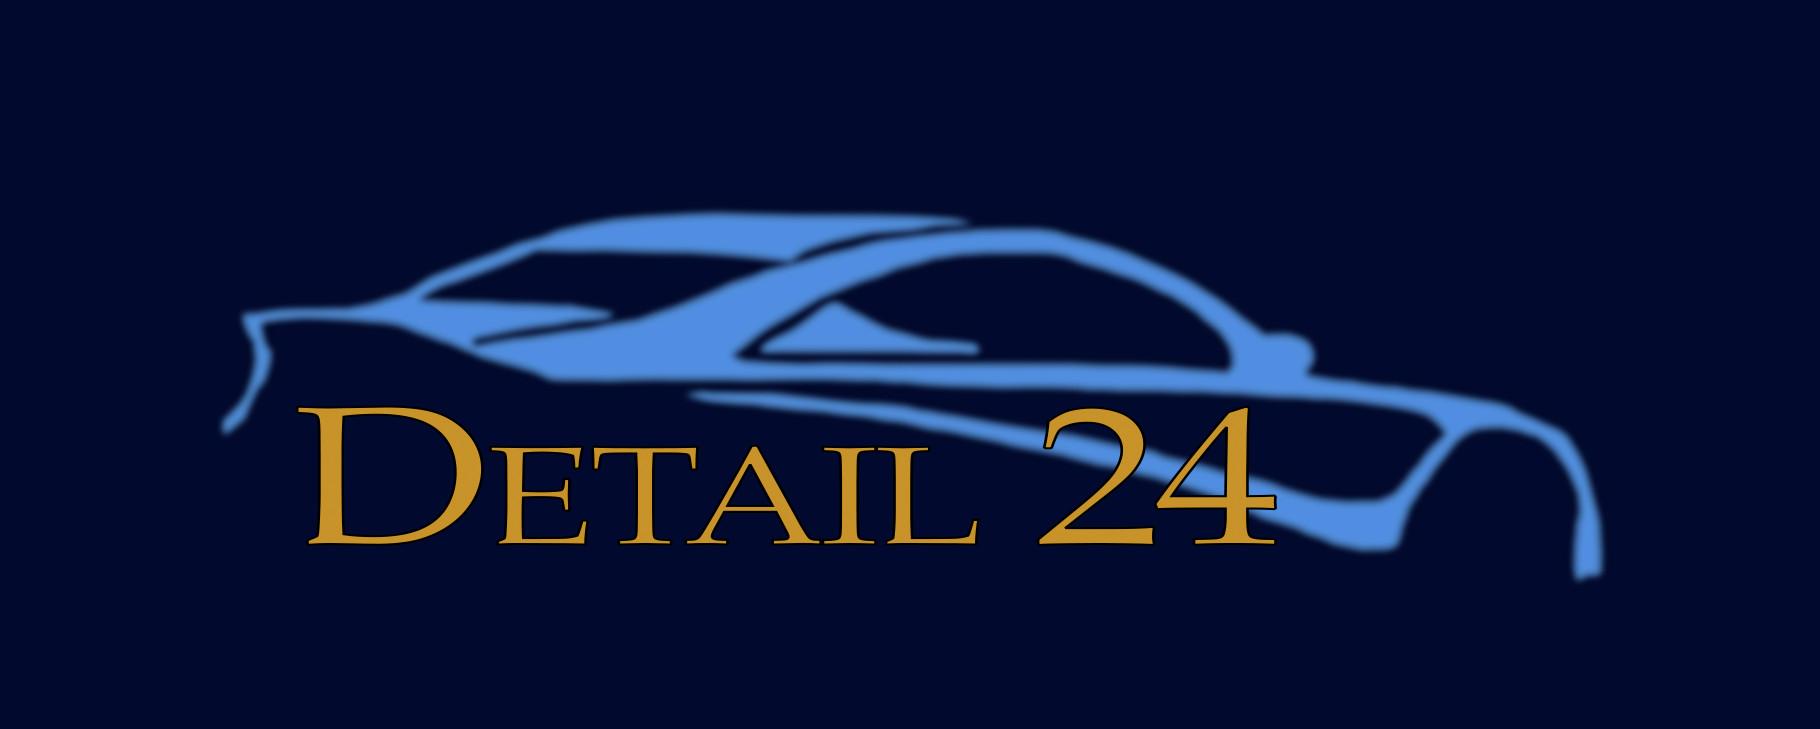 Detail24 logo